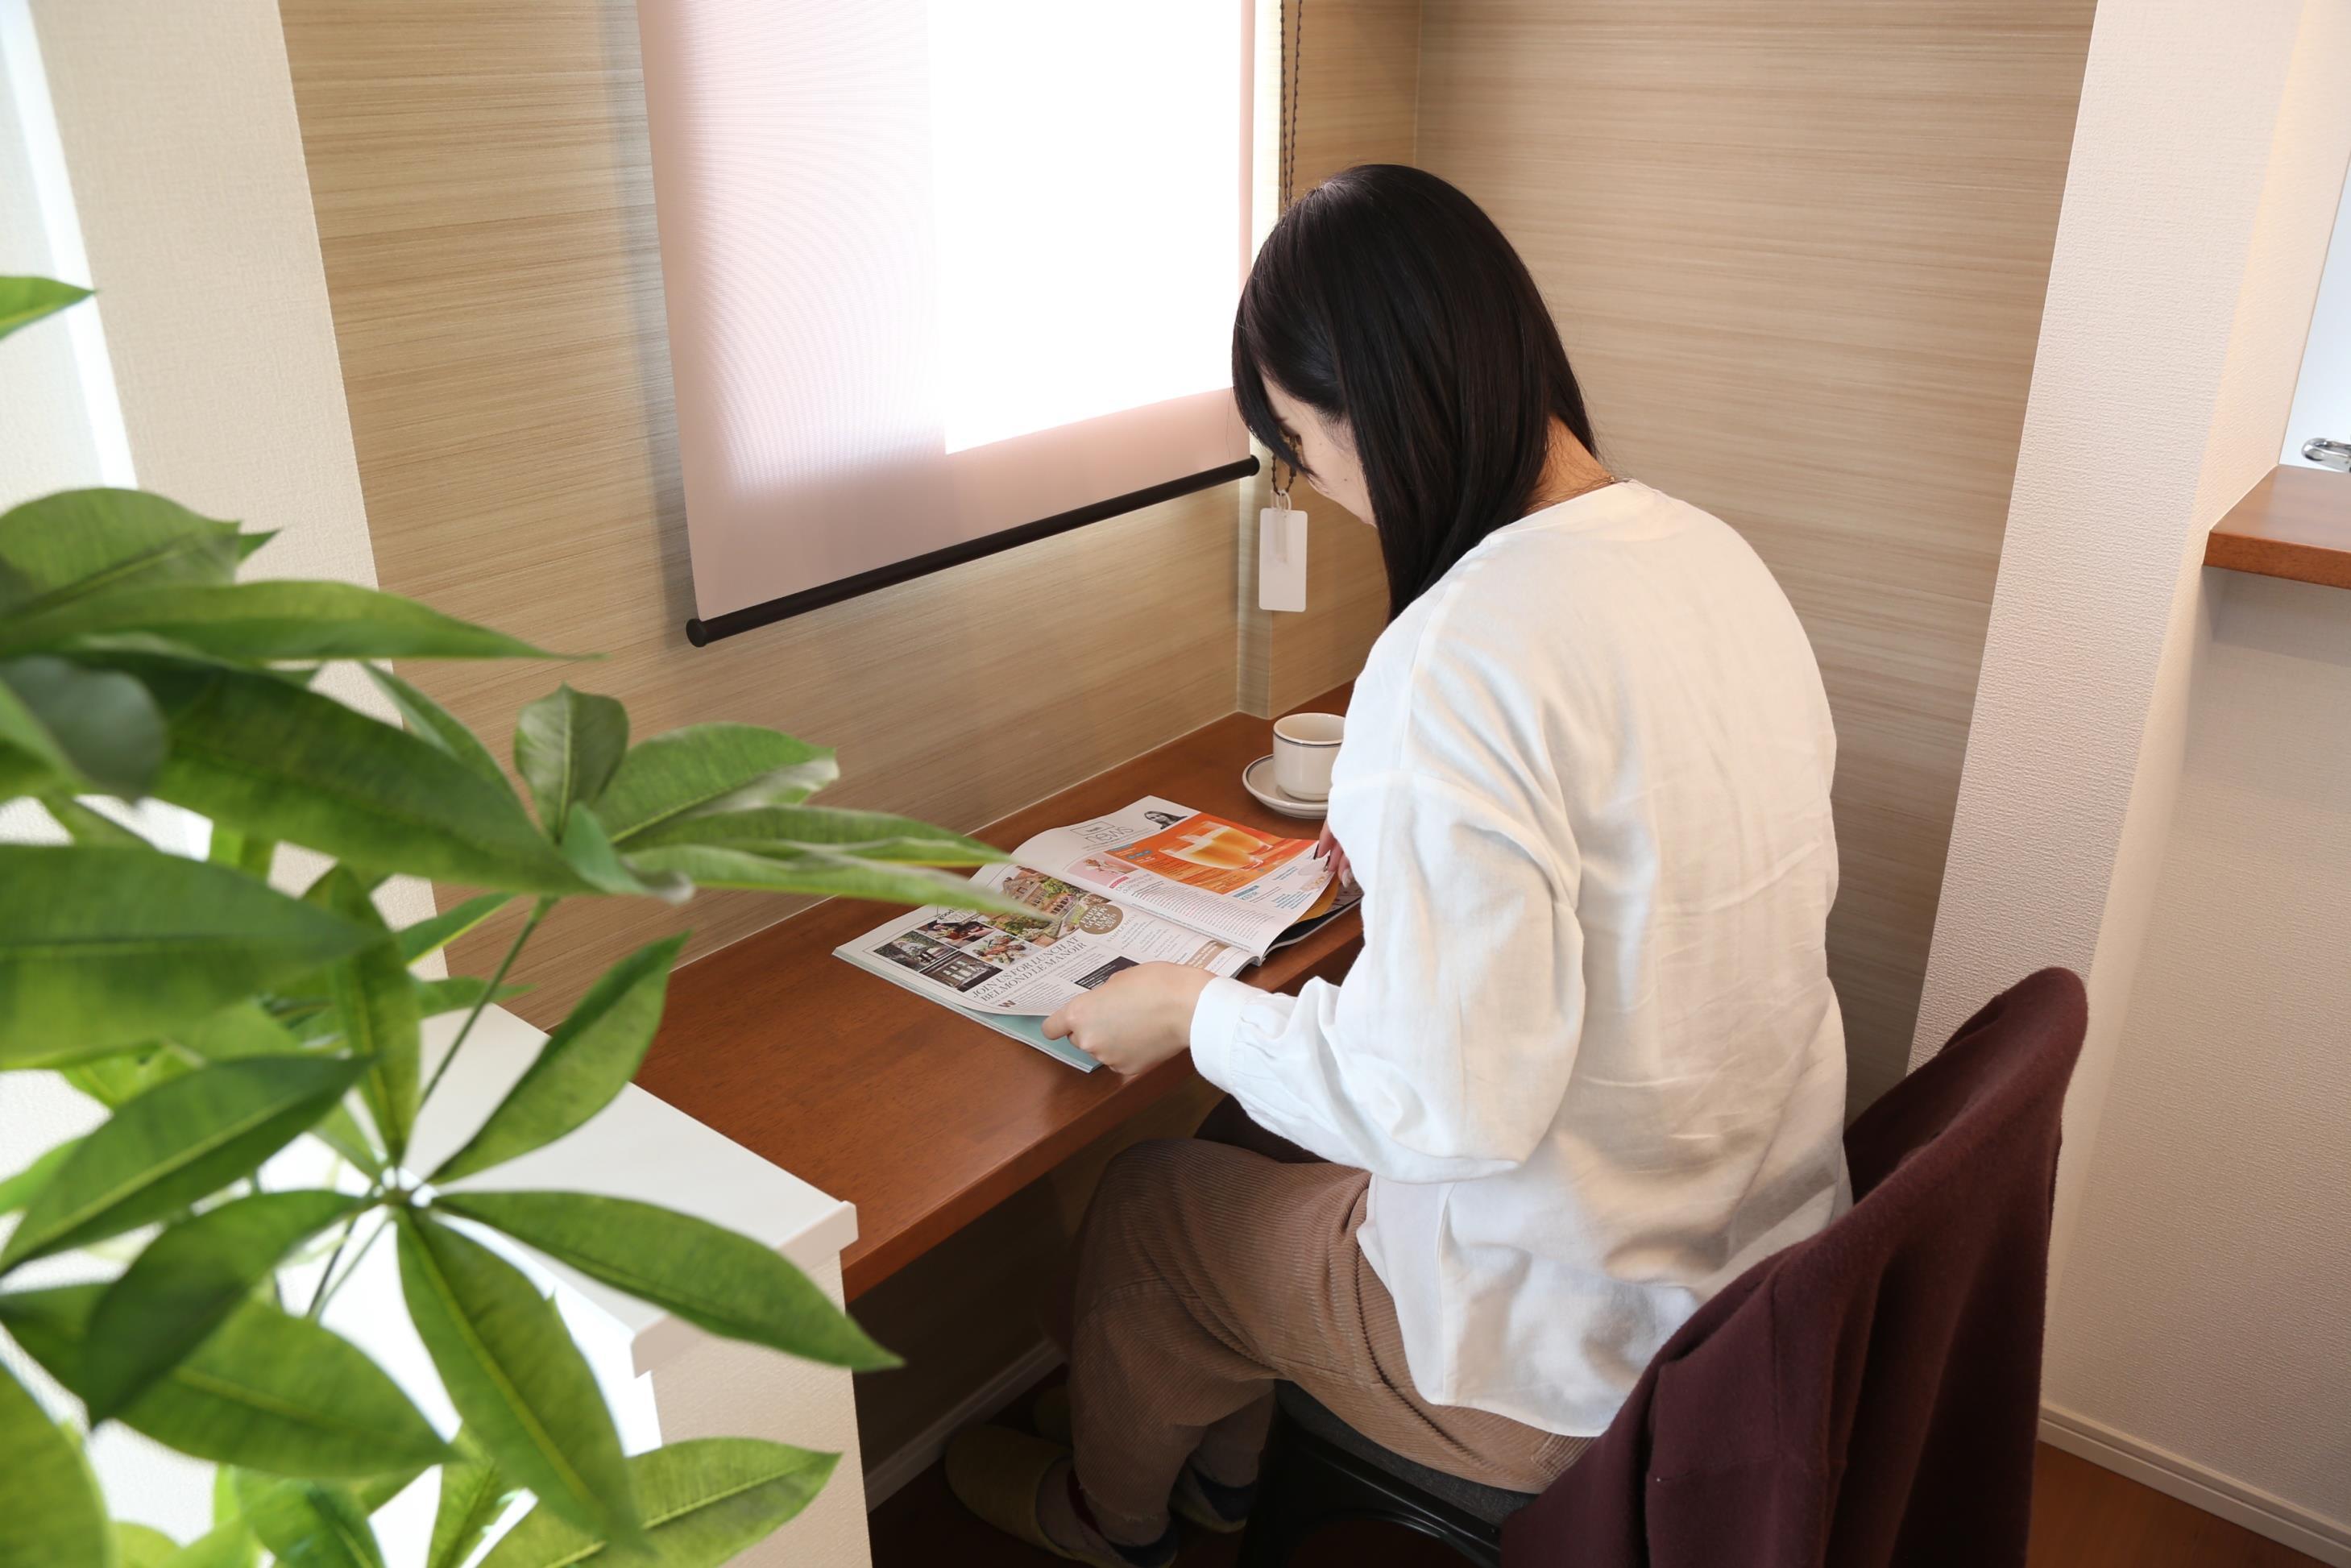 スタディカウンターではママがお料理をしながらお子様の宿題風景を見ることができます。大切なお子様との一瞬一瞬を同じ空間でお過ごしください♪